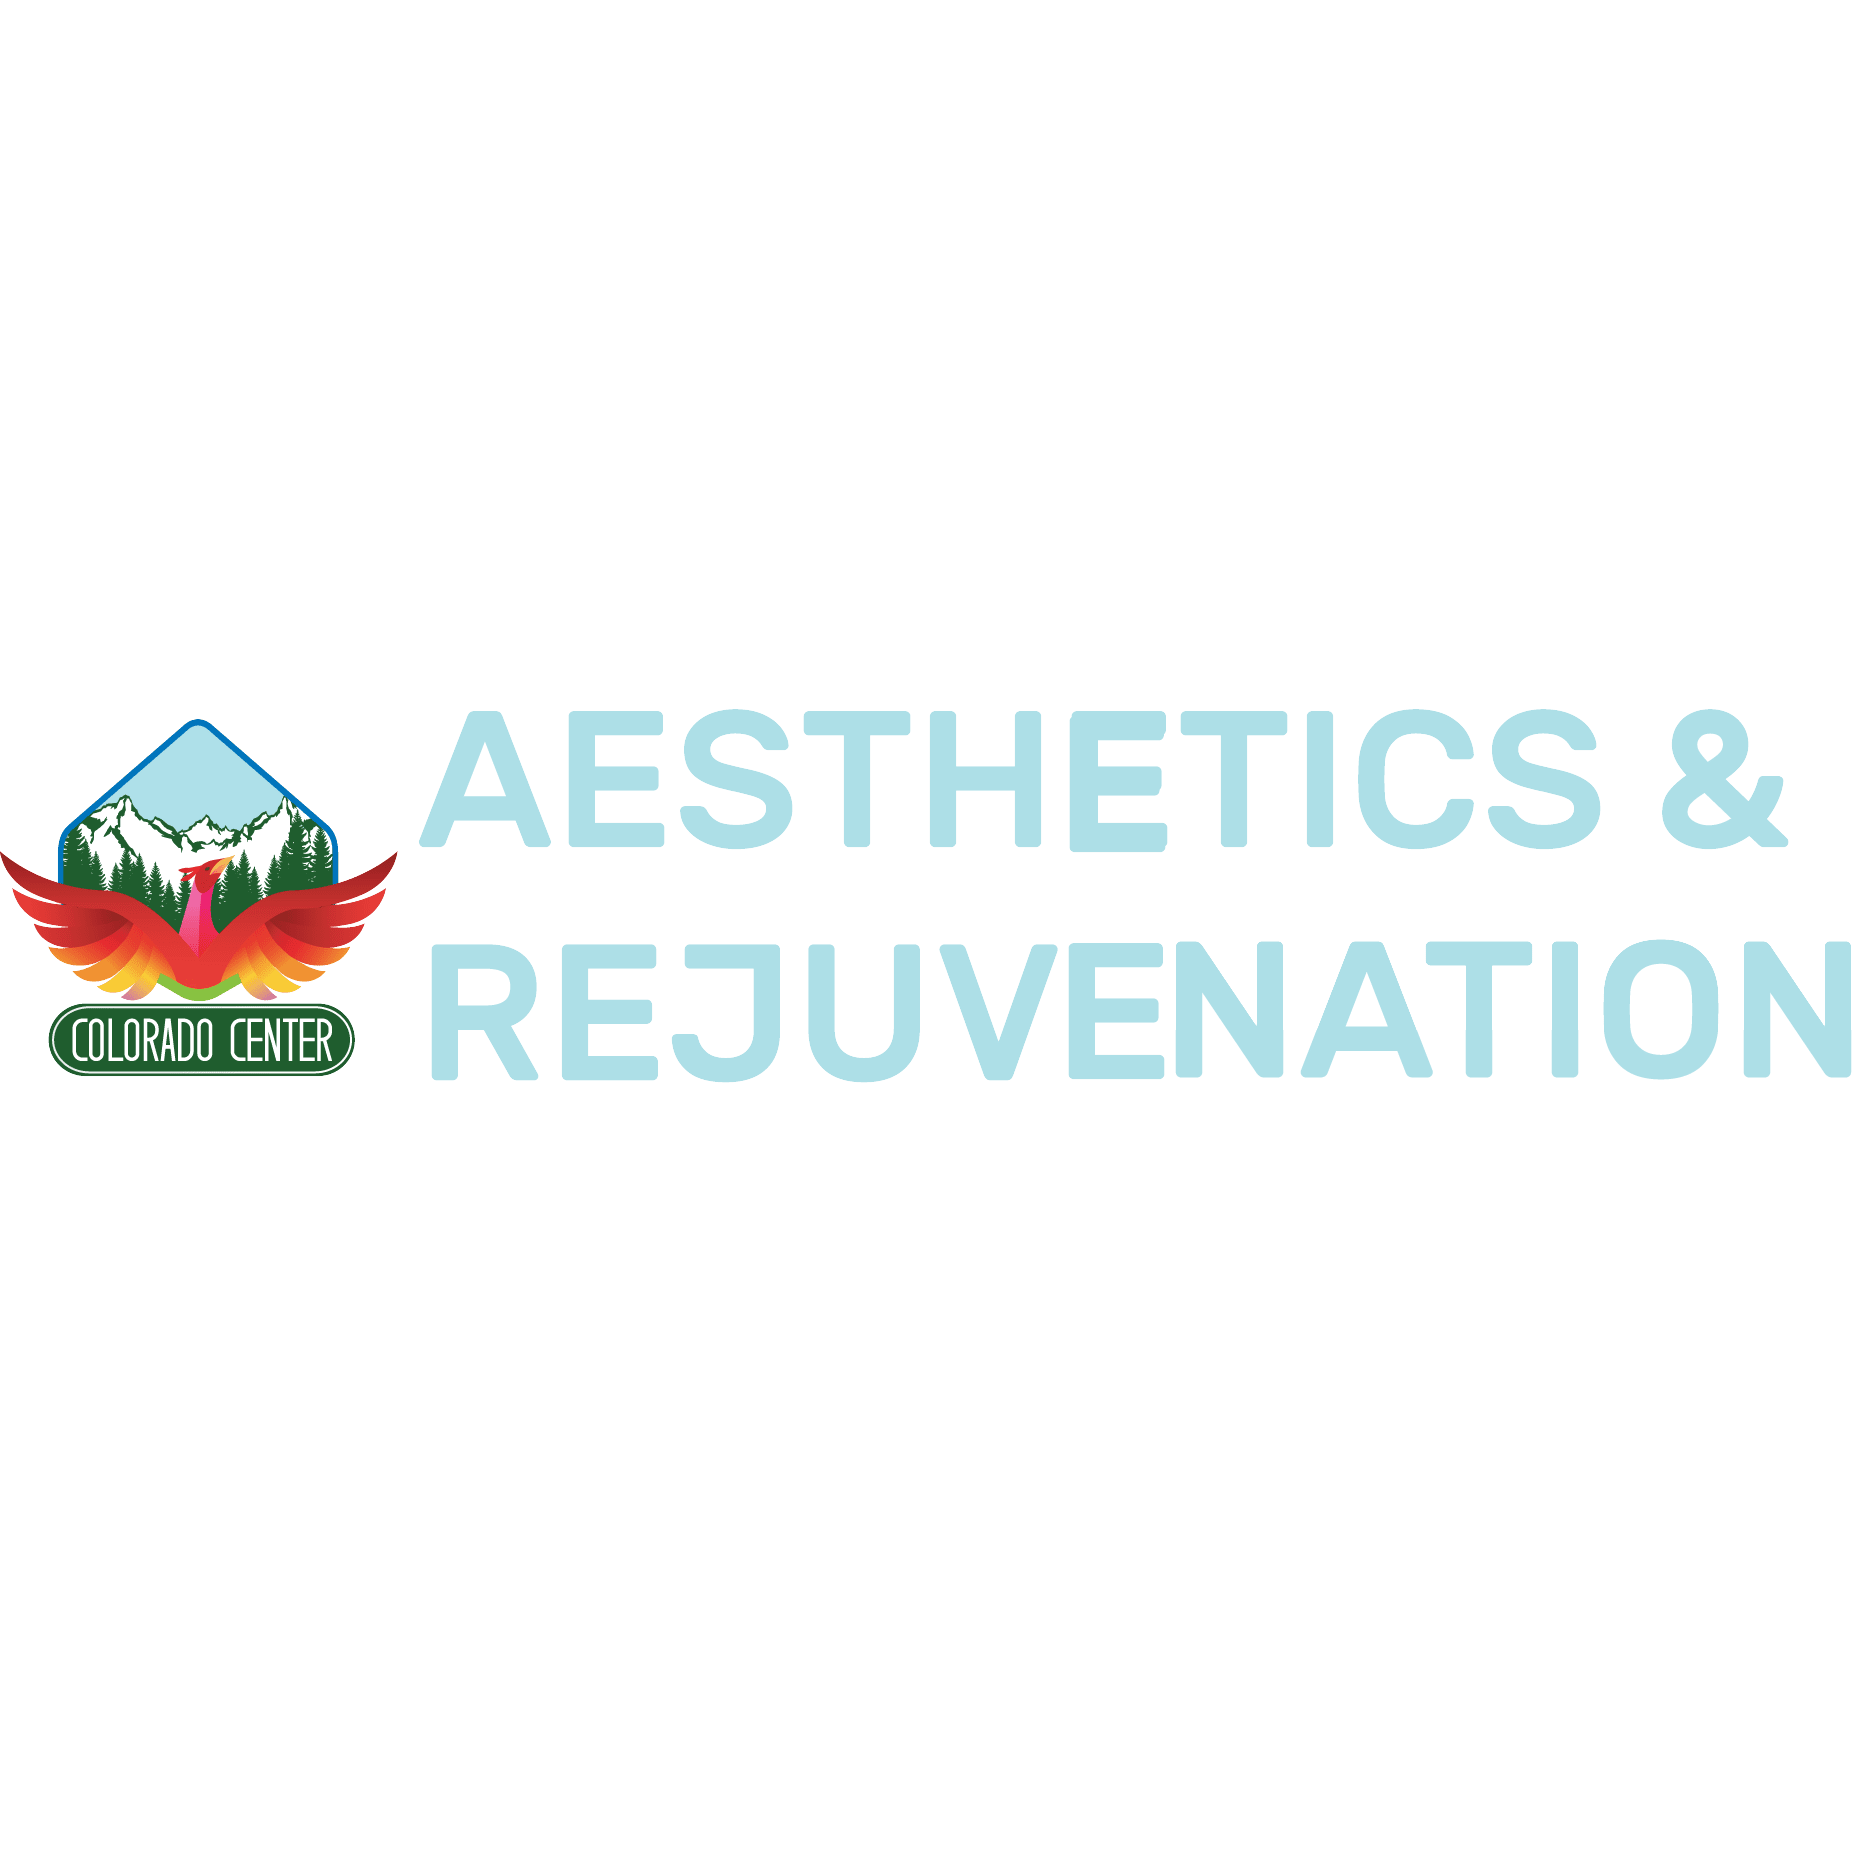 Colorado Center for Aesthetics & Rejuvenation - Westminster, CO 80020 - (720)326-6025 | ShowMeLocal.com